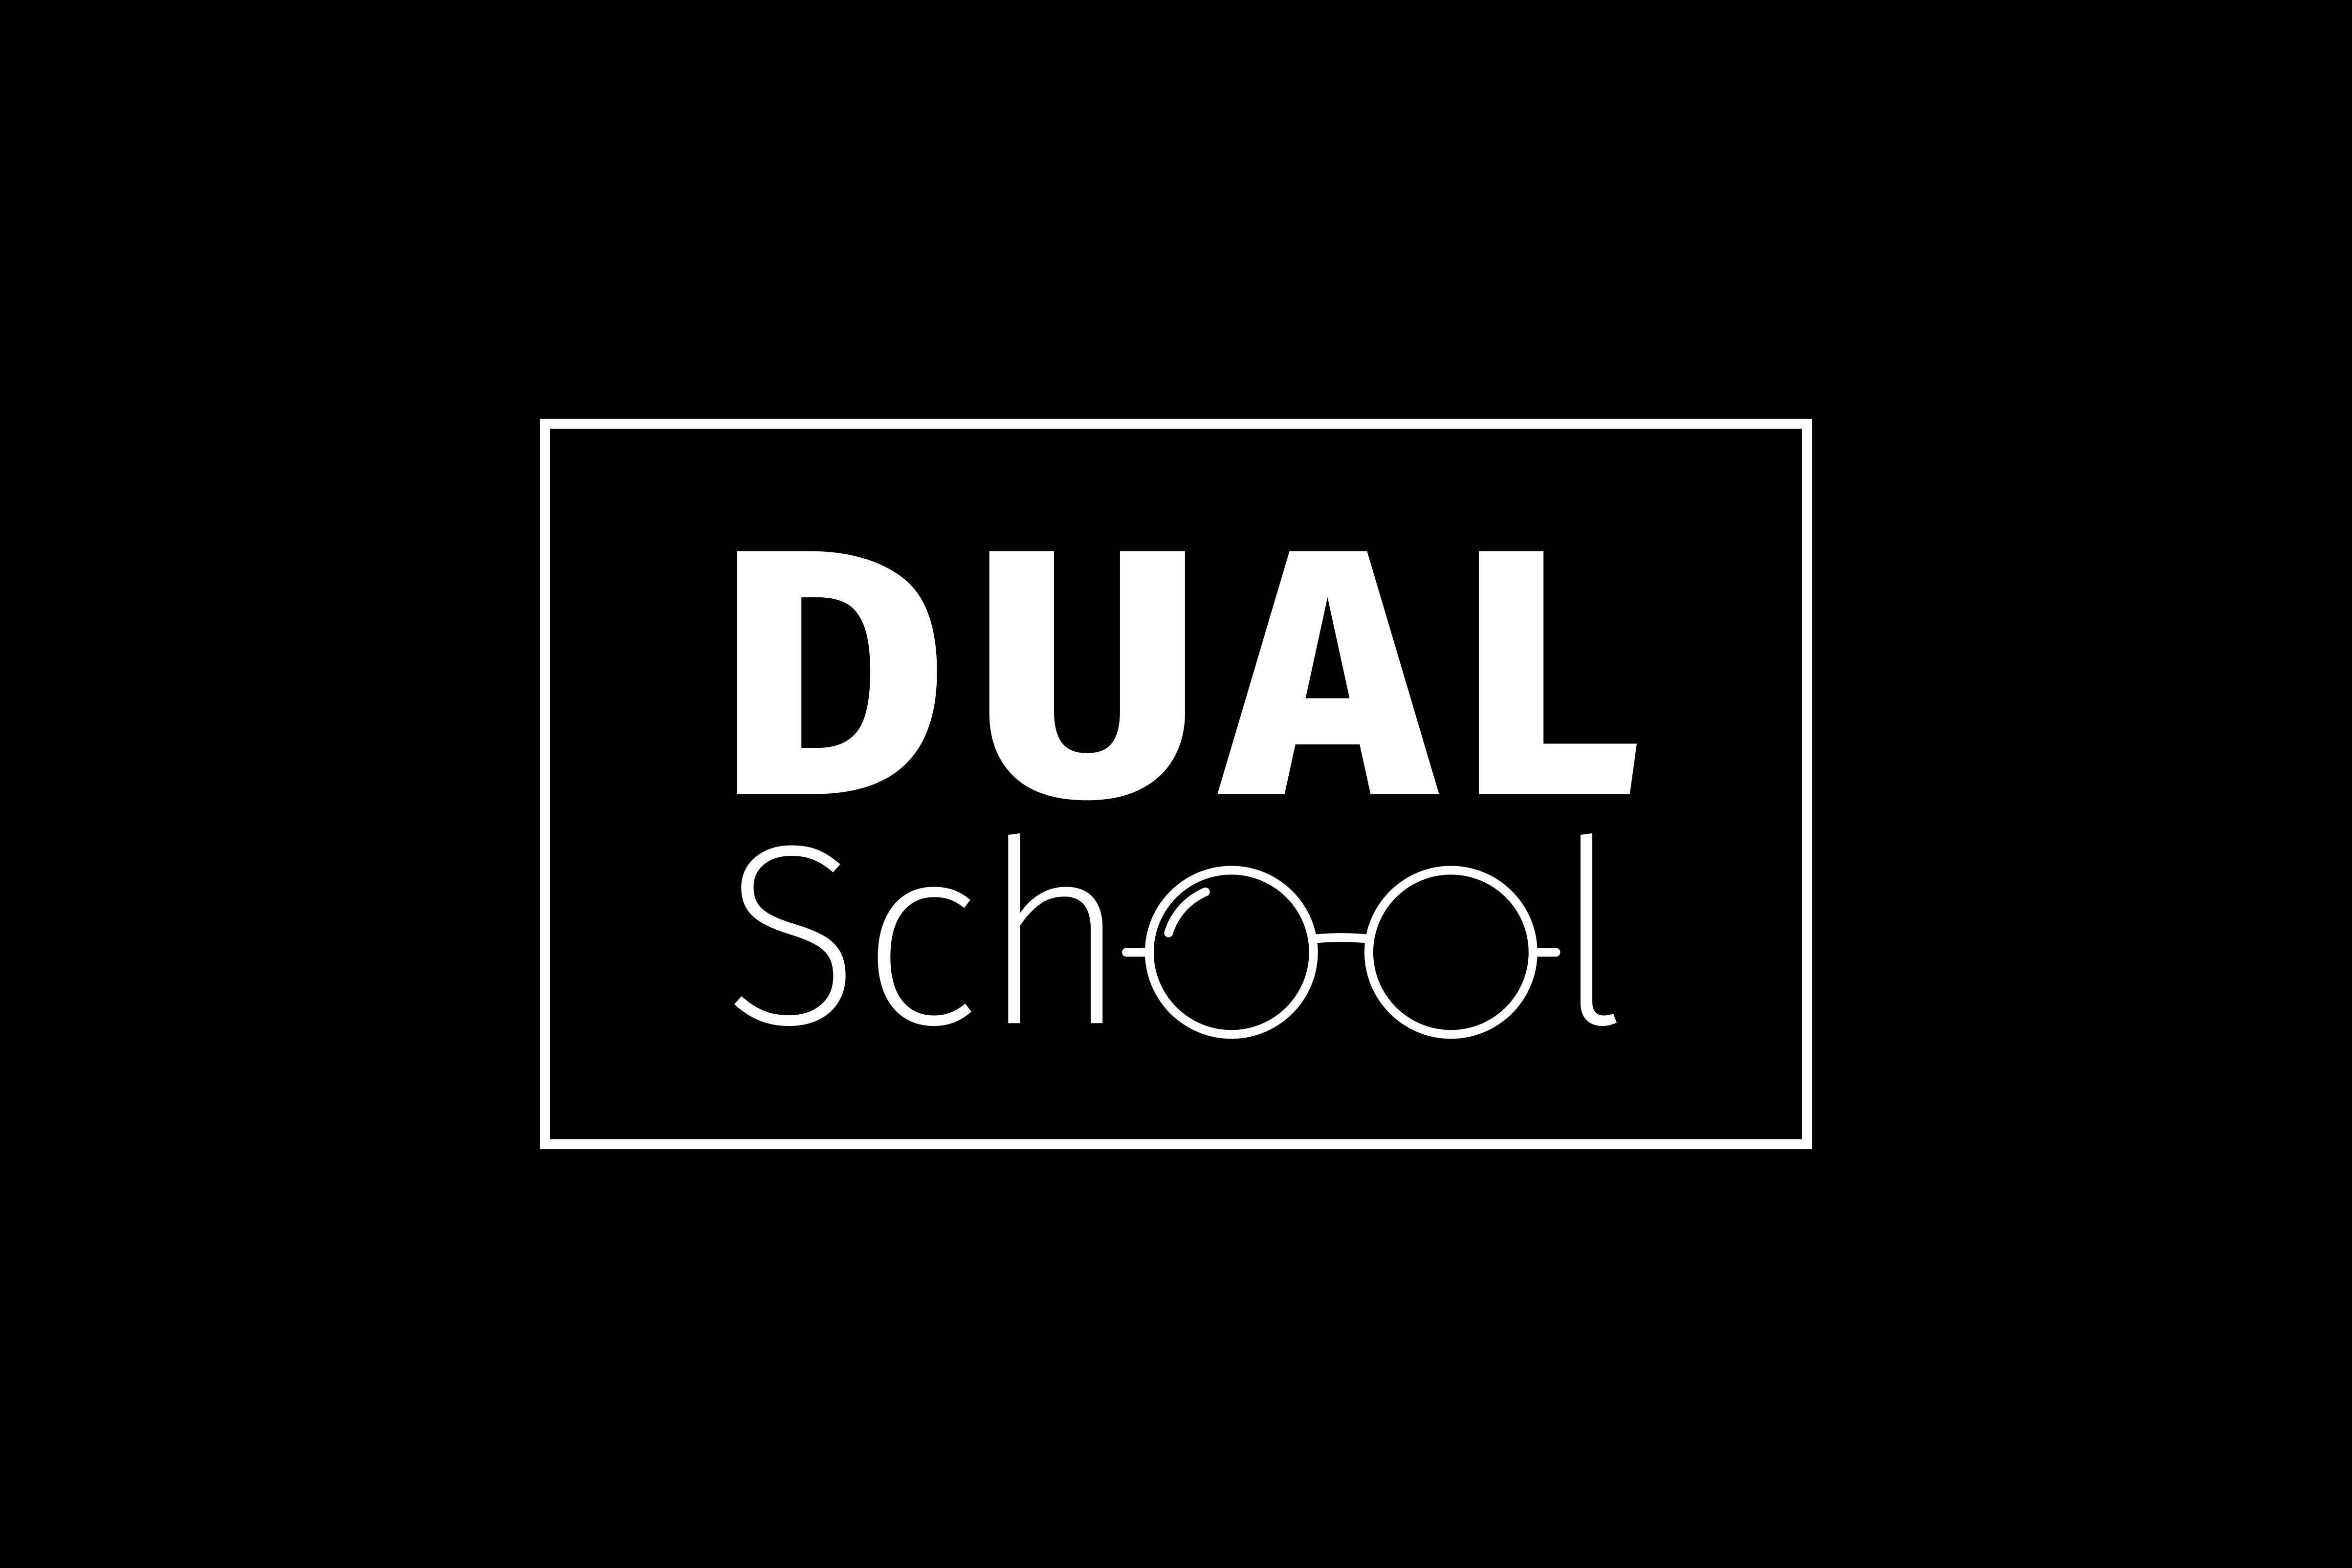 DUAL-School-banner